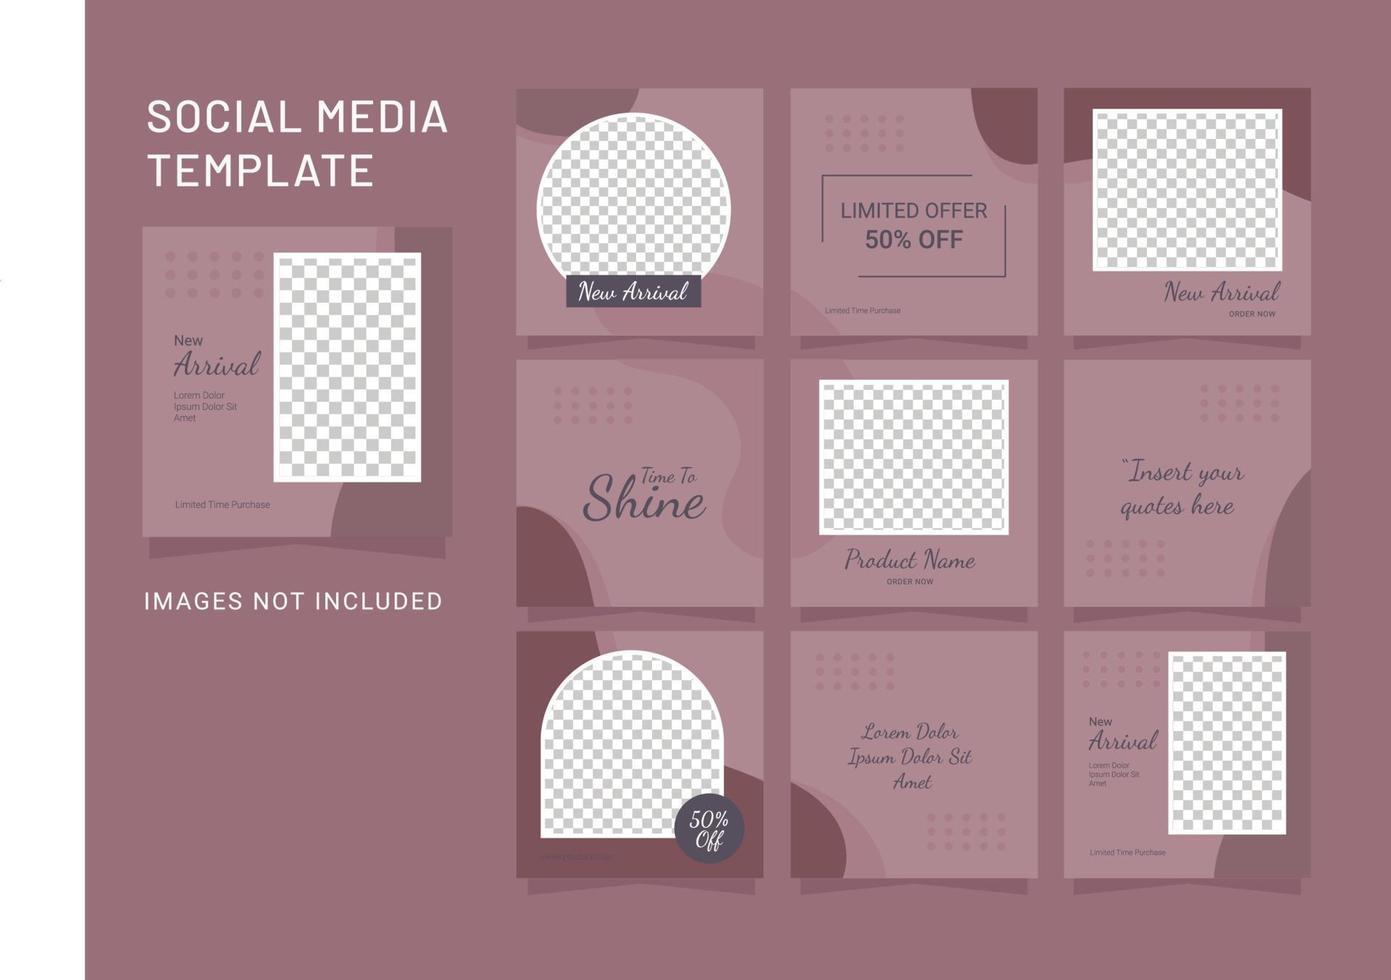 sociale media sjabloon mode vrouwen plaatsen puzzel vector